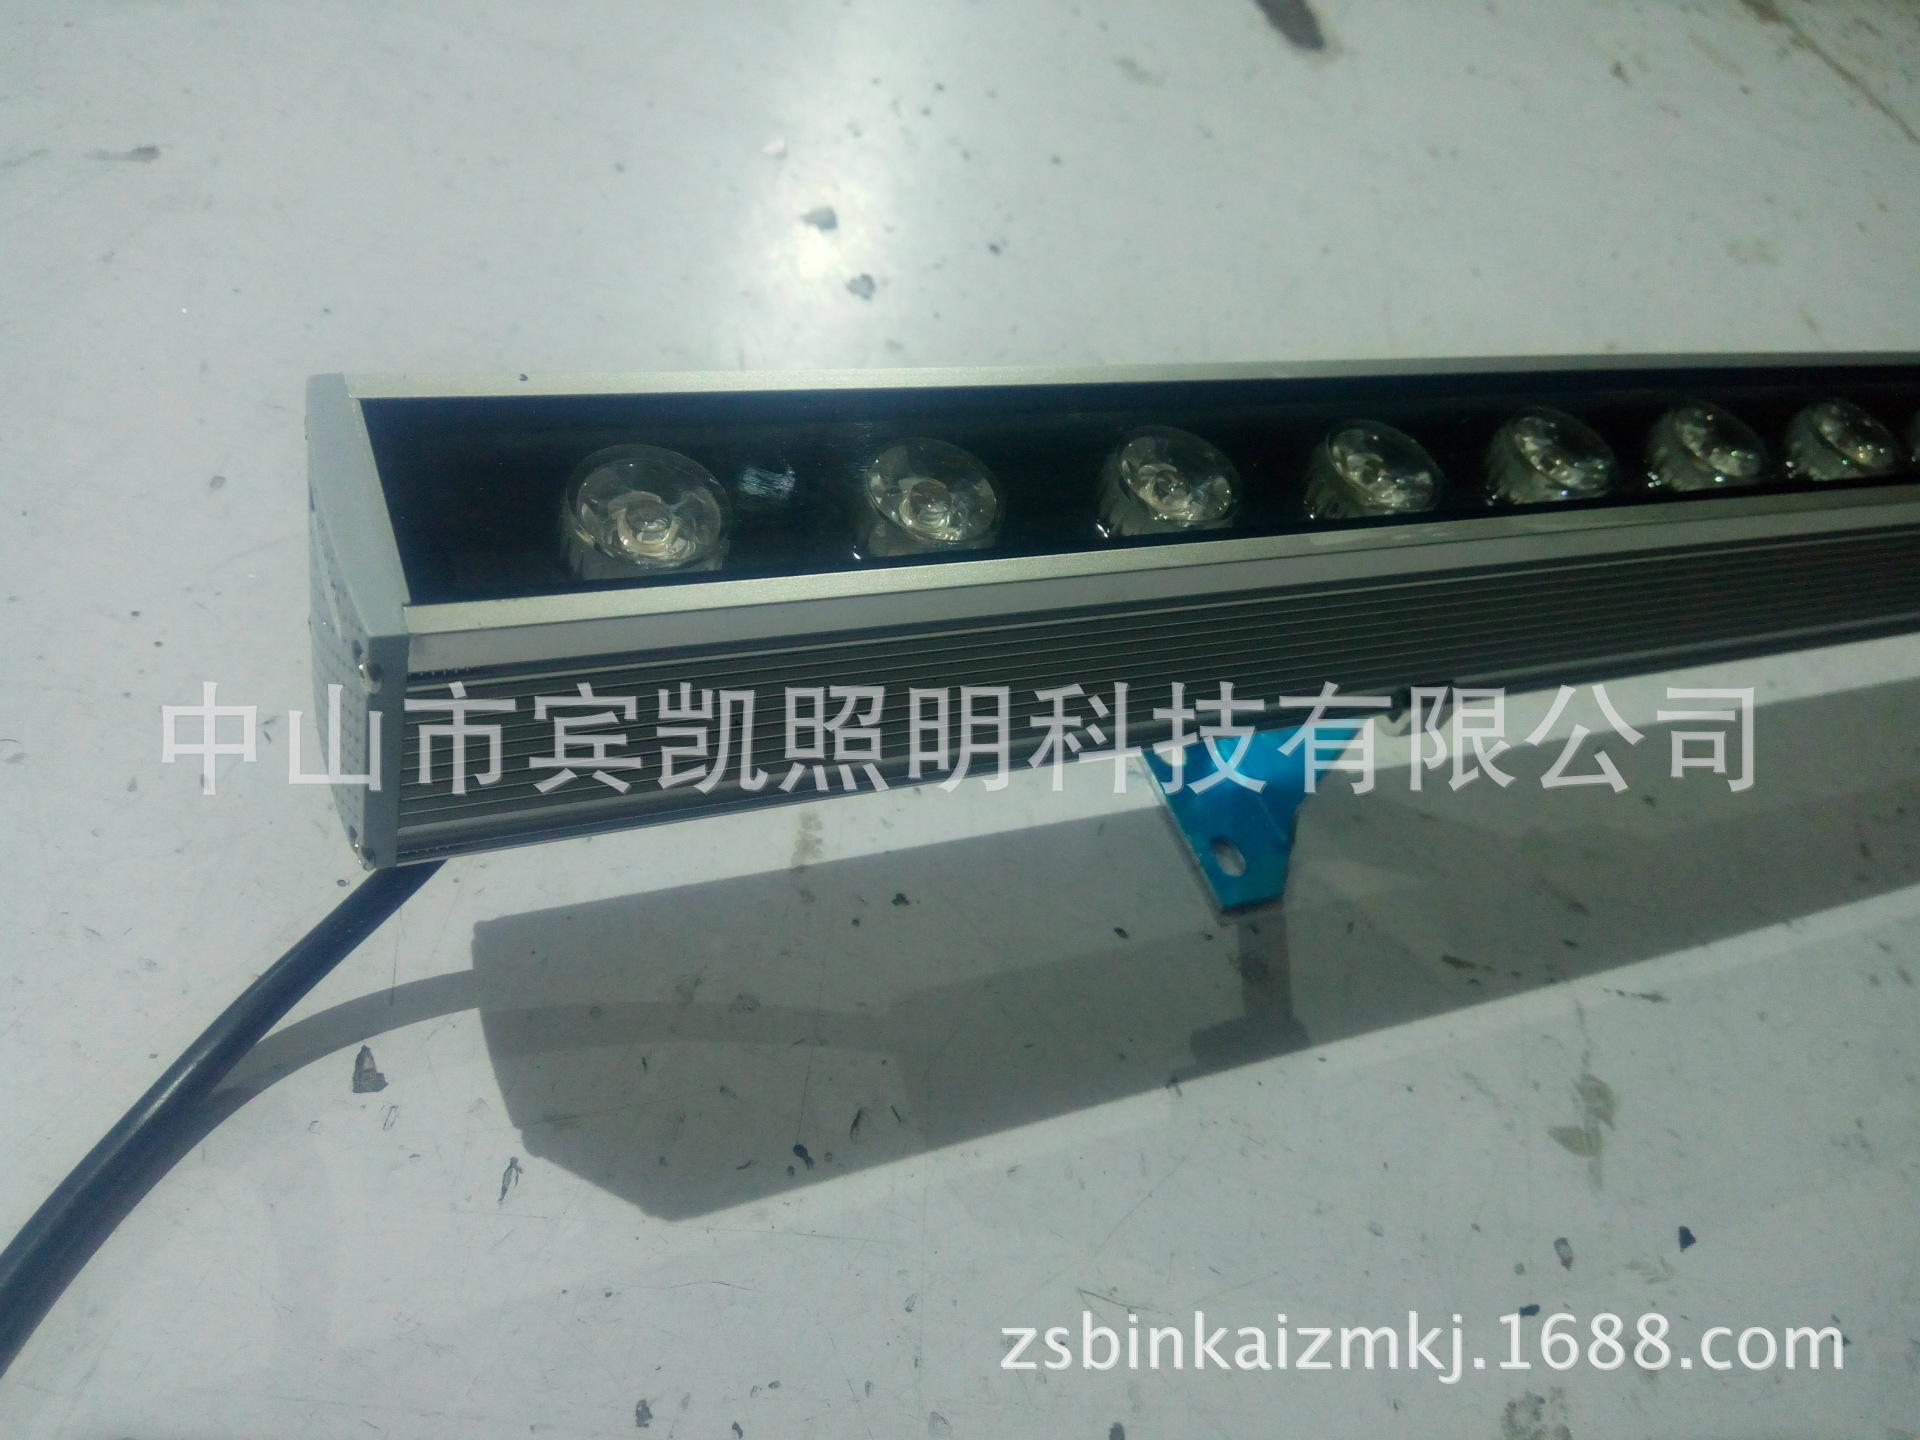 36w洗墙灯 led洗墙灯18w 小功率led洗墙灯 LED洗墙灯 线条灯示例图12